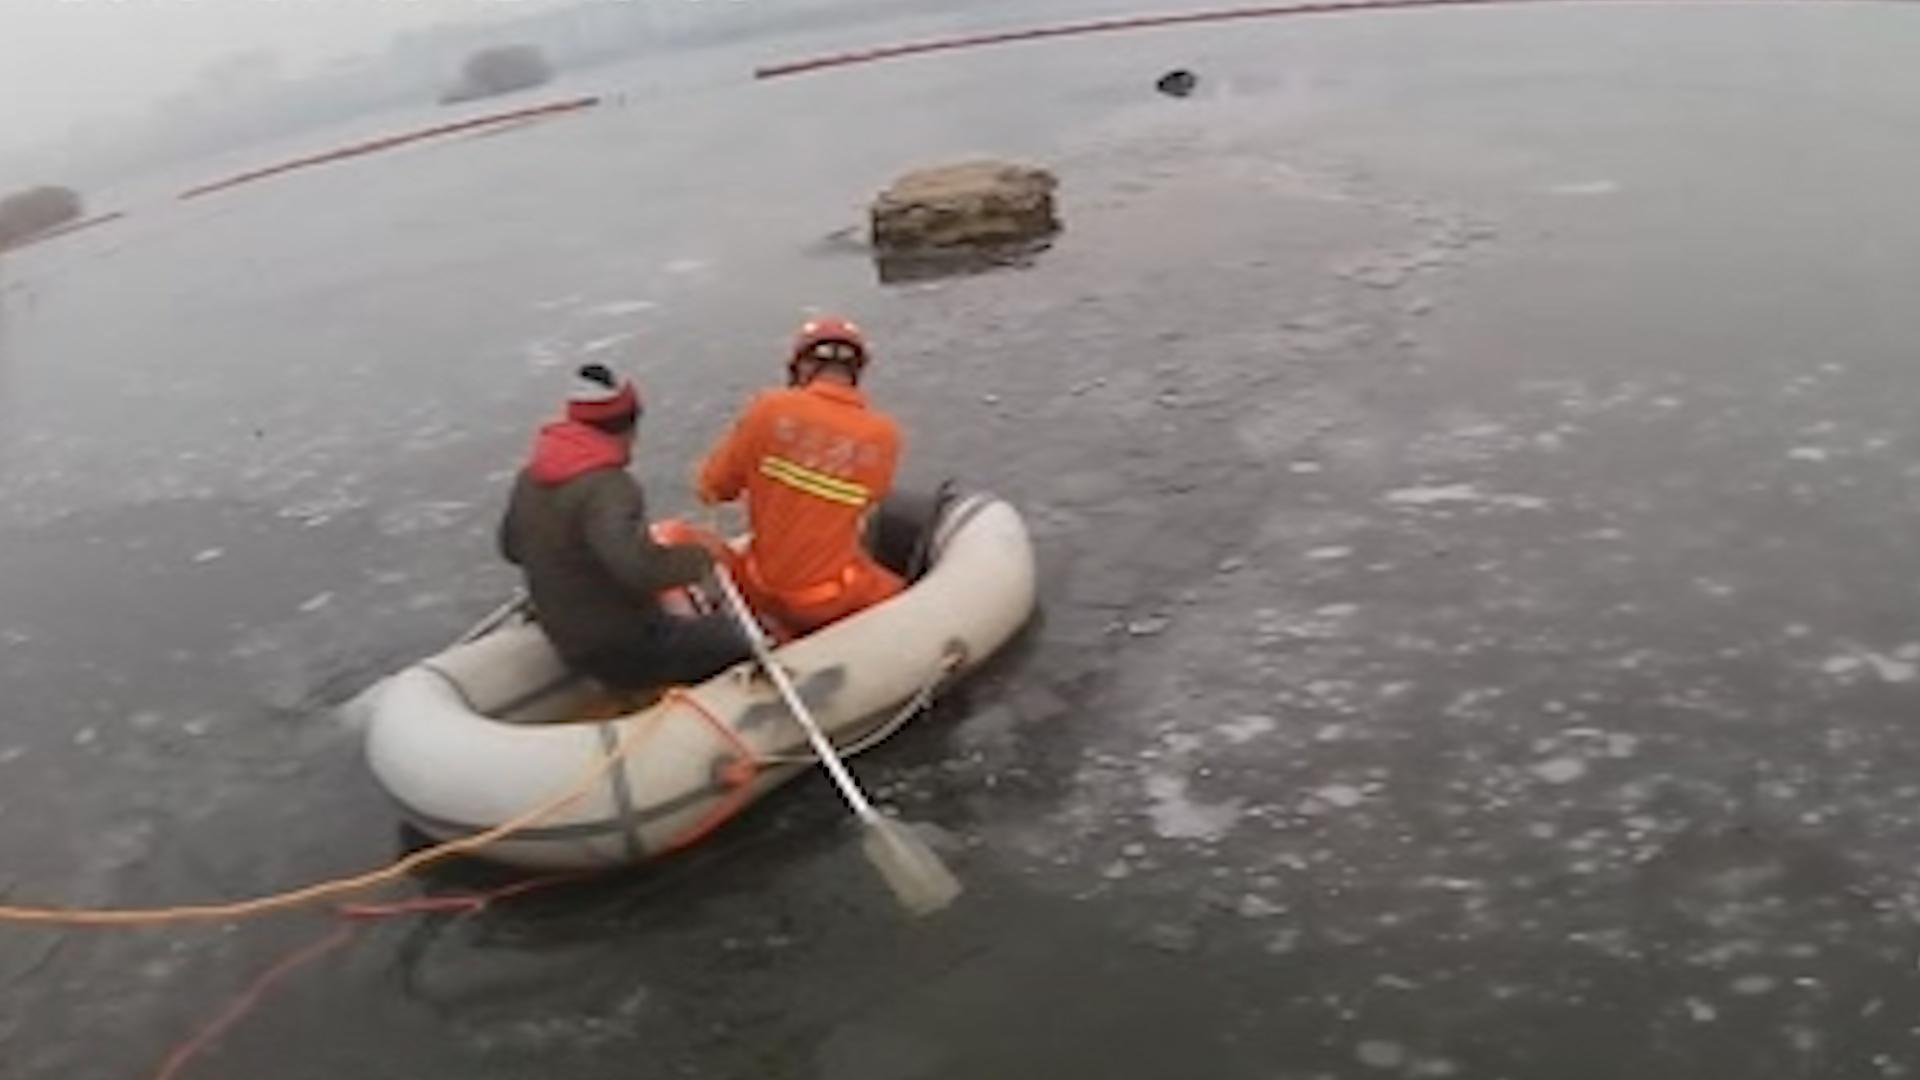 33秒丨紧急!男子冰面轻生 临沂消防10余分钟成功营救